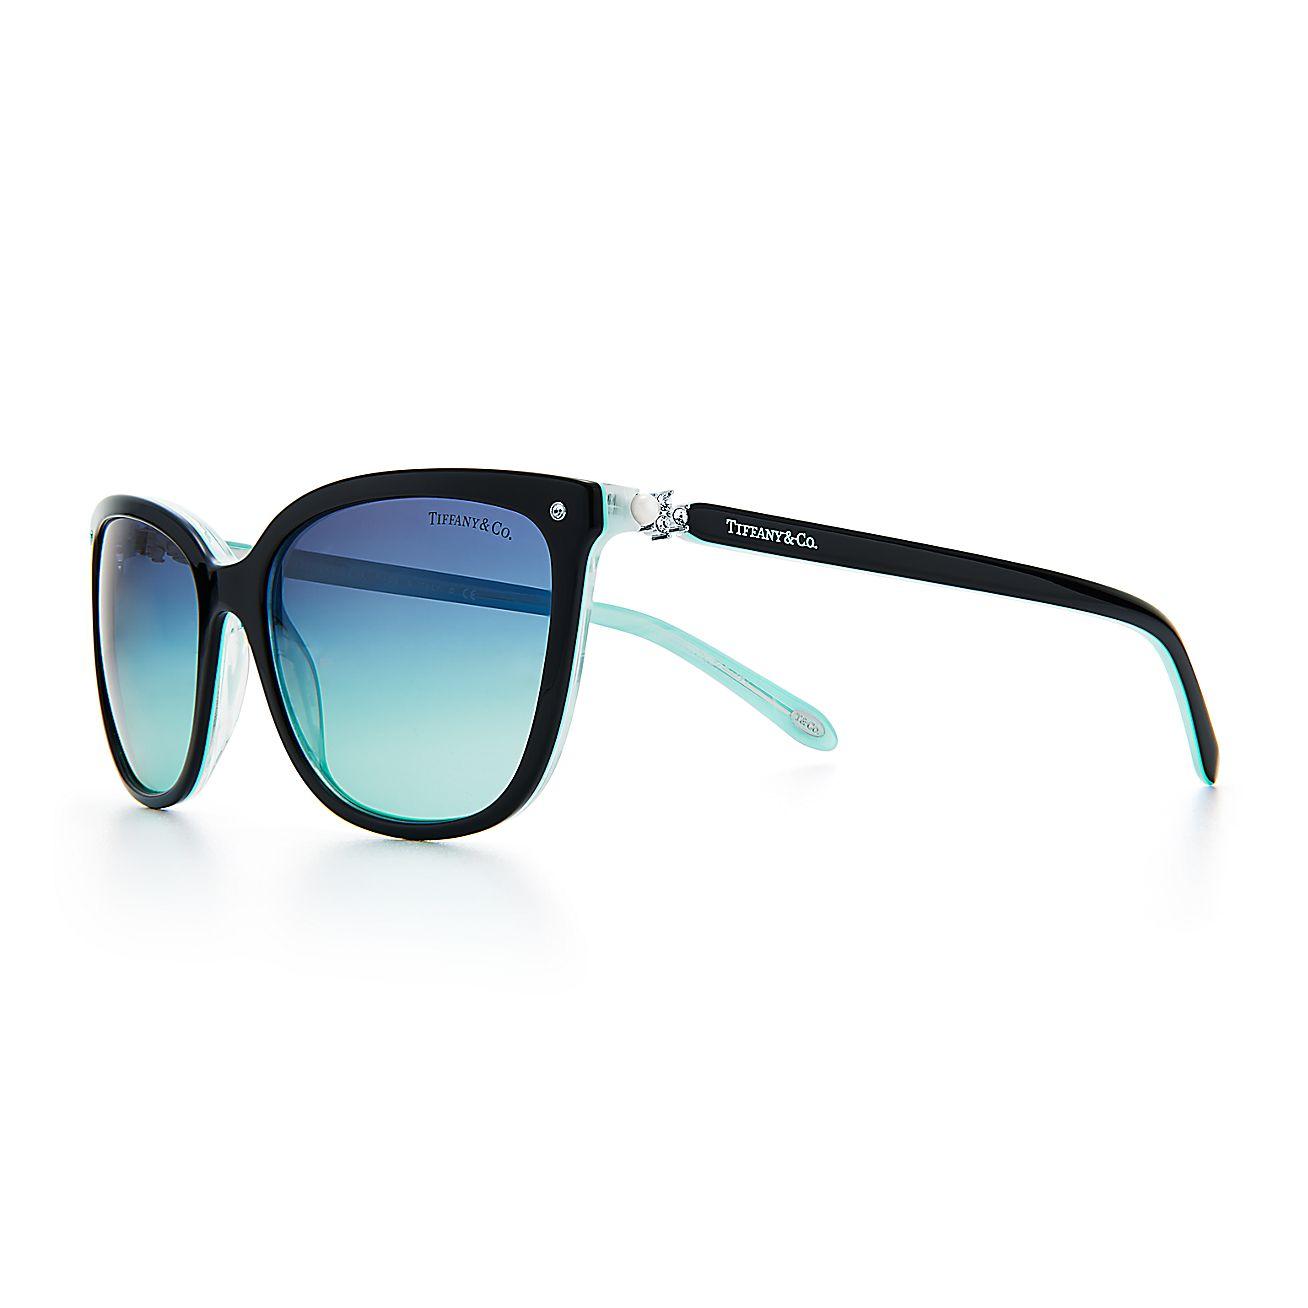 Tiffany Aria:Concerto Sunglasses